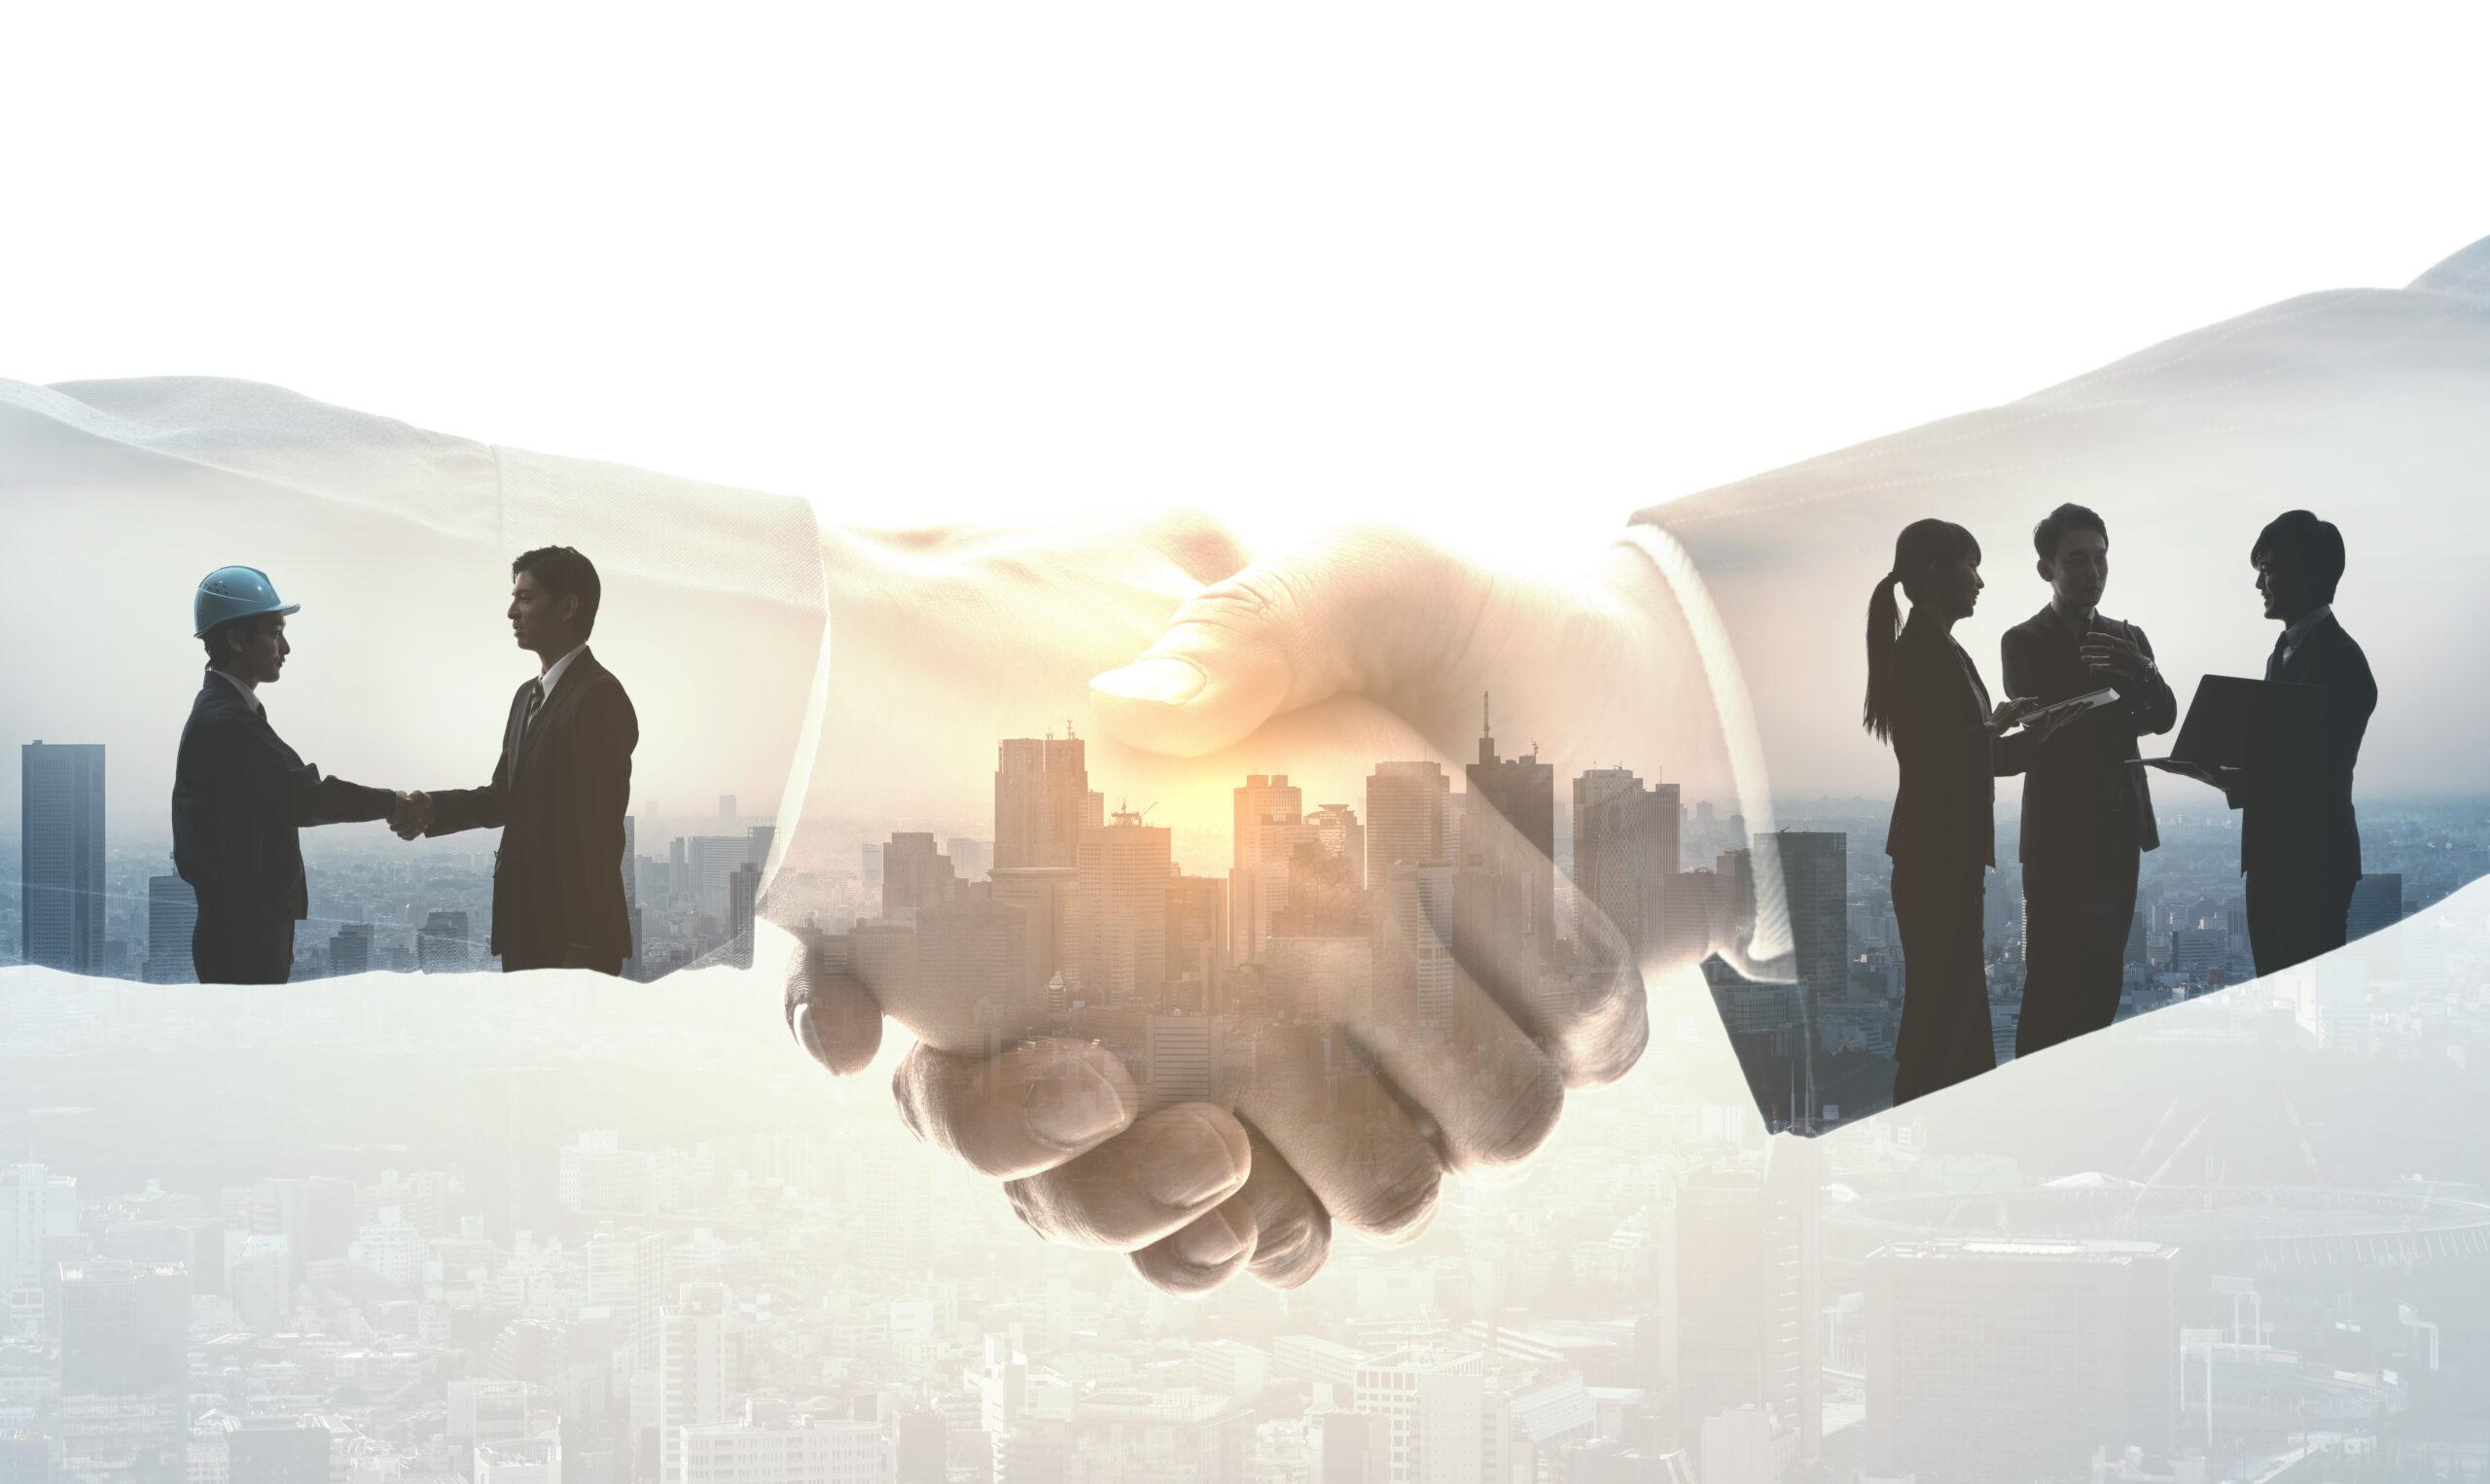 Компанія Структум та Kalpataru Power Transmission Ltd. уклали меморандум про взаєморозуміння!